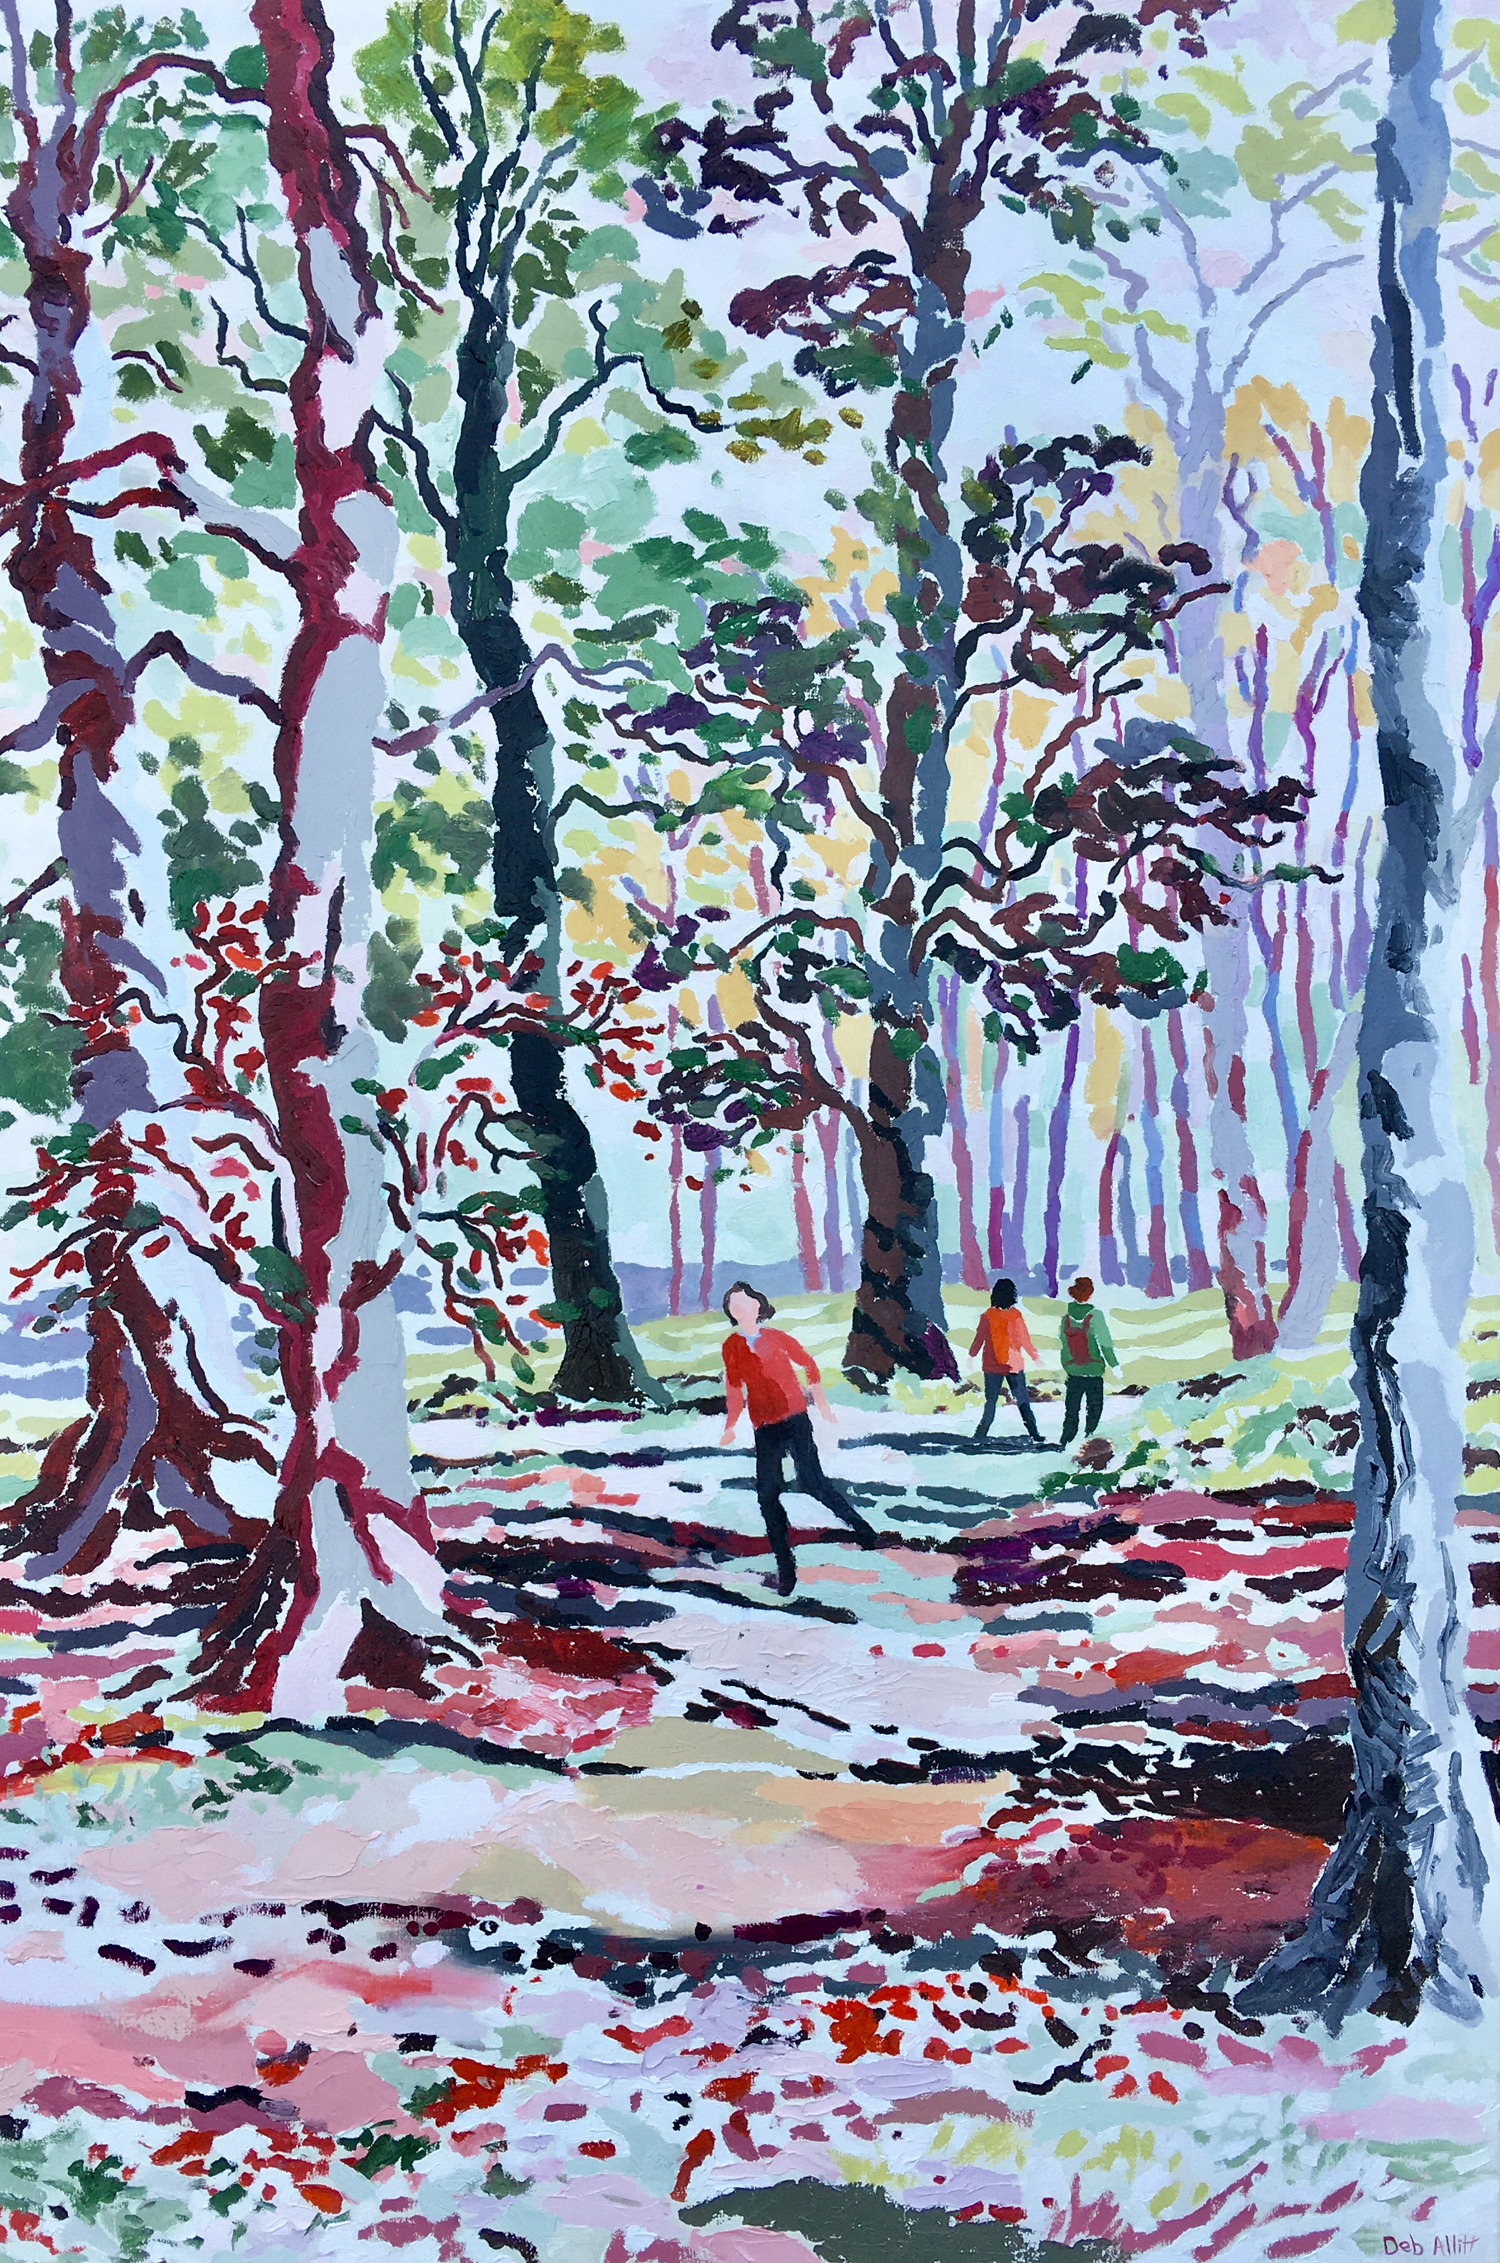 Walking in Autumn Woods, Kedleston Park. Oil on canvas. 120 x 80 cm